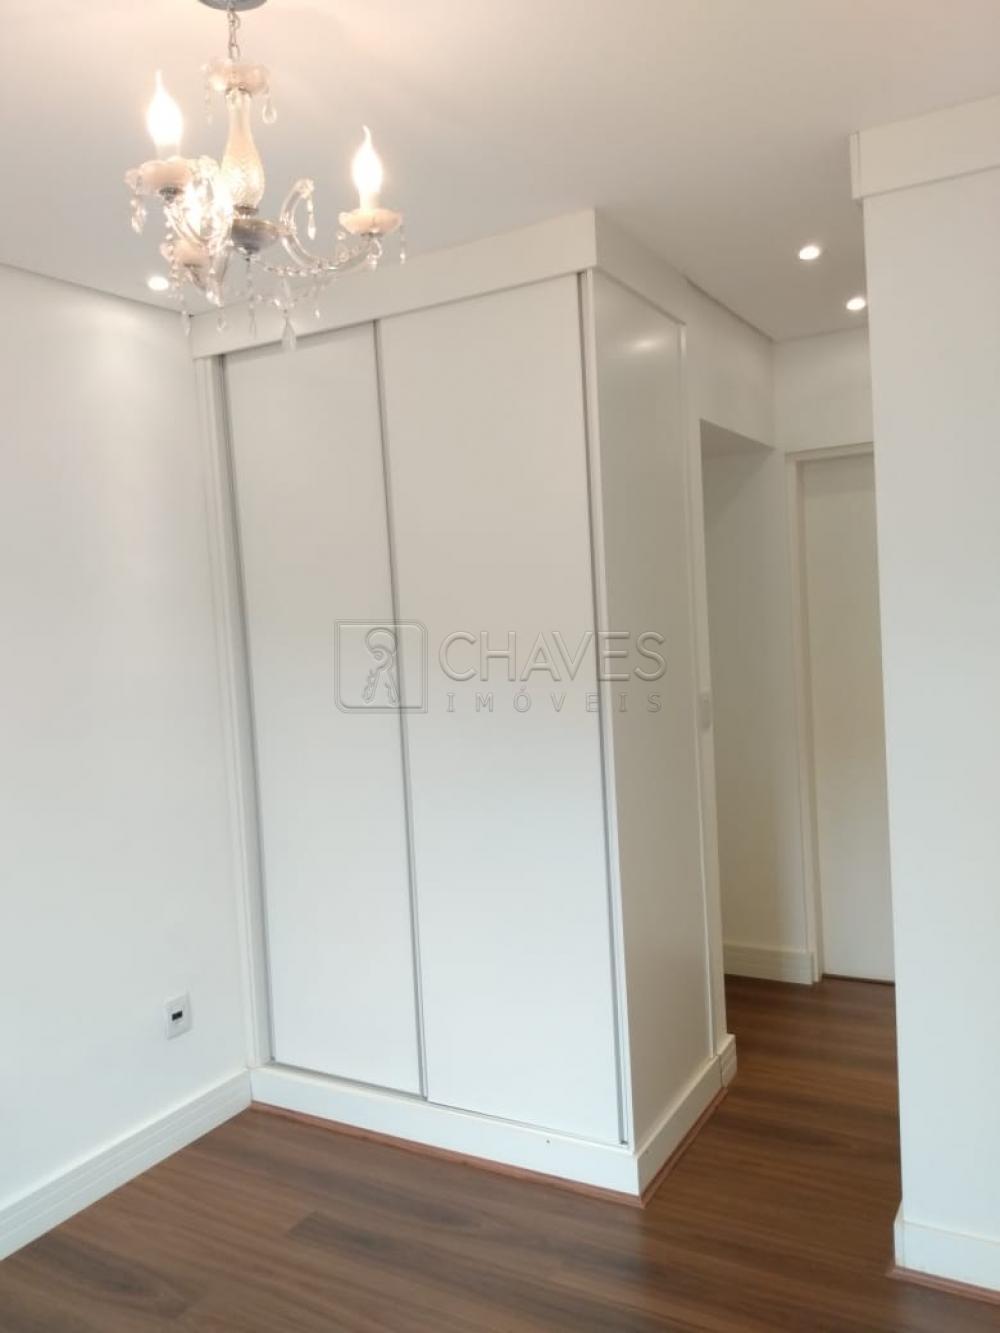 Comprar Apartamento / Padrão em Brodowski R$ 150.000,00 - Foto 10